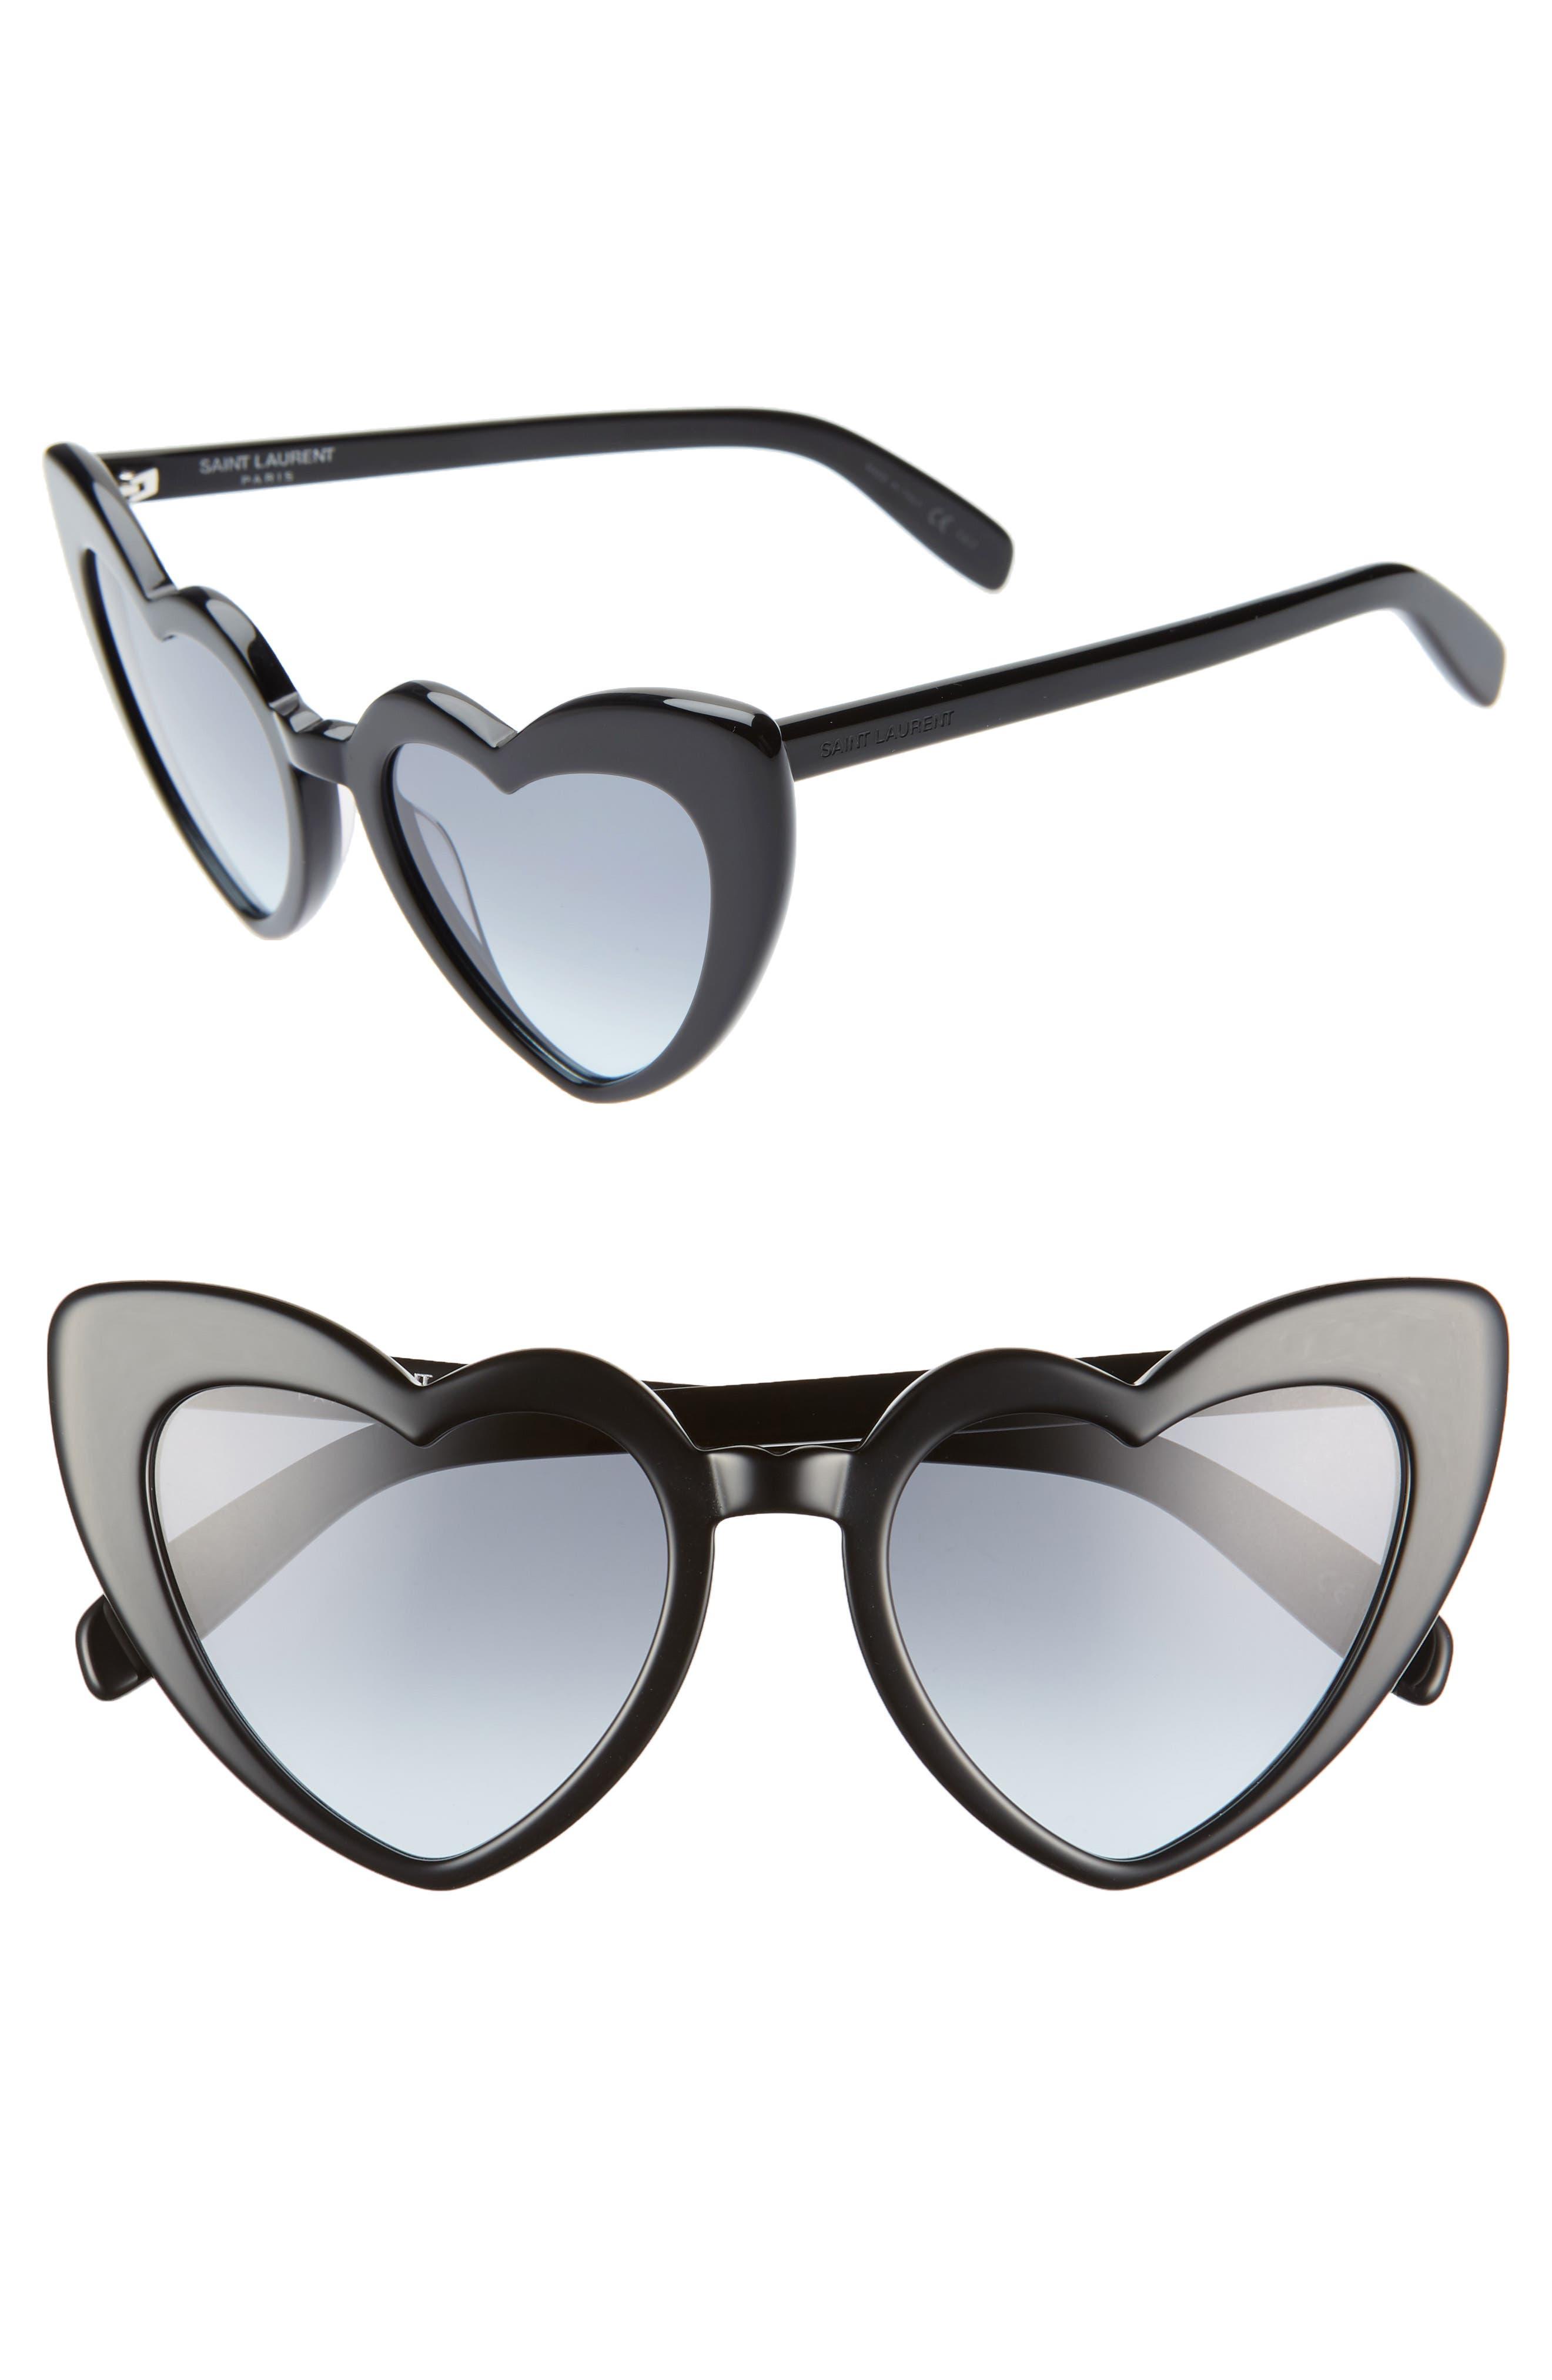 SAINT LAURENT Loulou 54mm Heart Sunglasses, Main, color, BLACK/ GREY BLUE GRADIENT